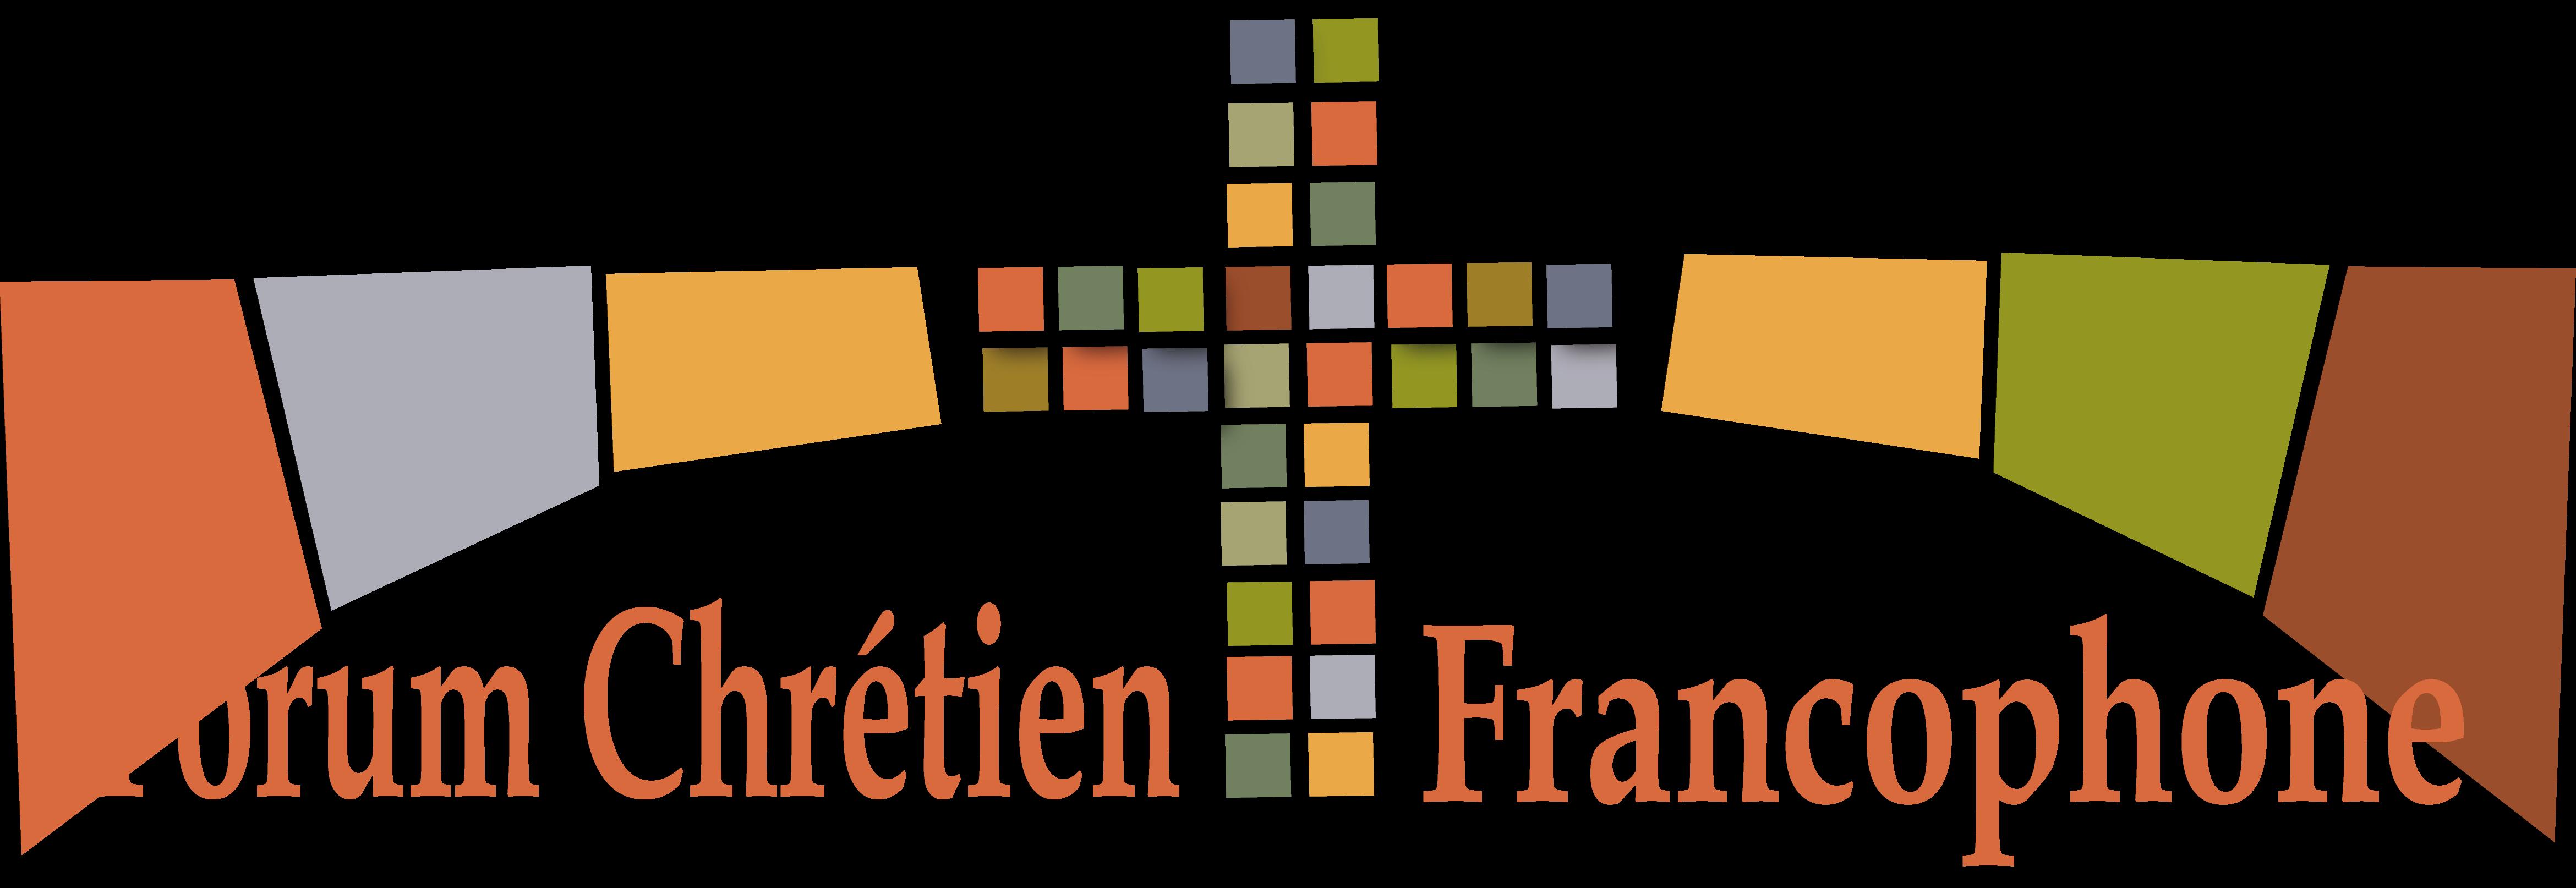 Forum Chrétien Francophone